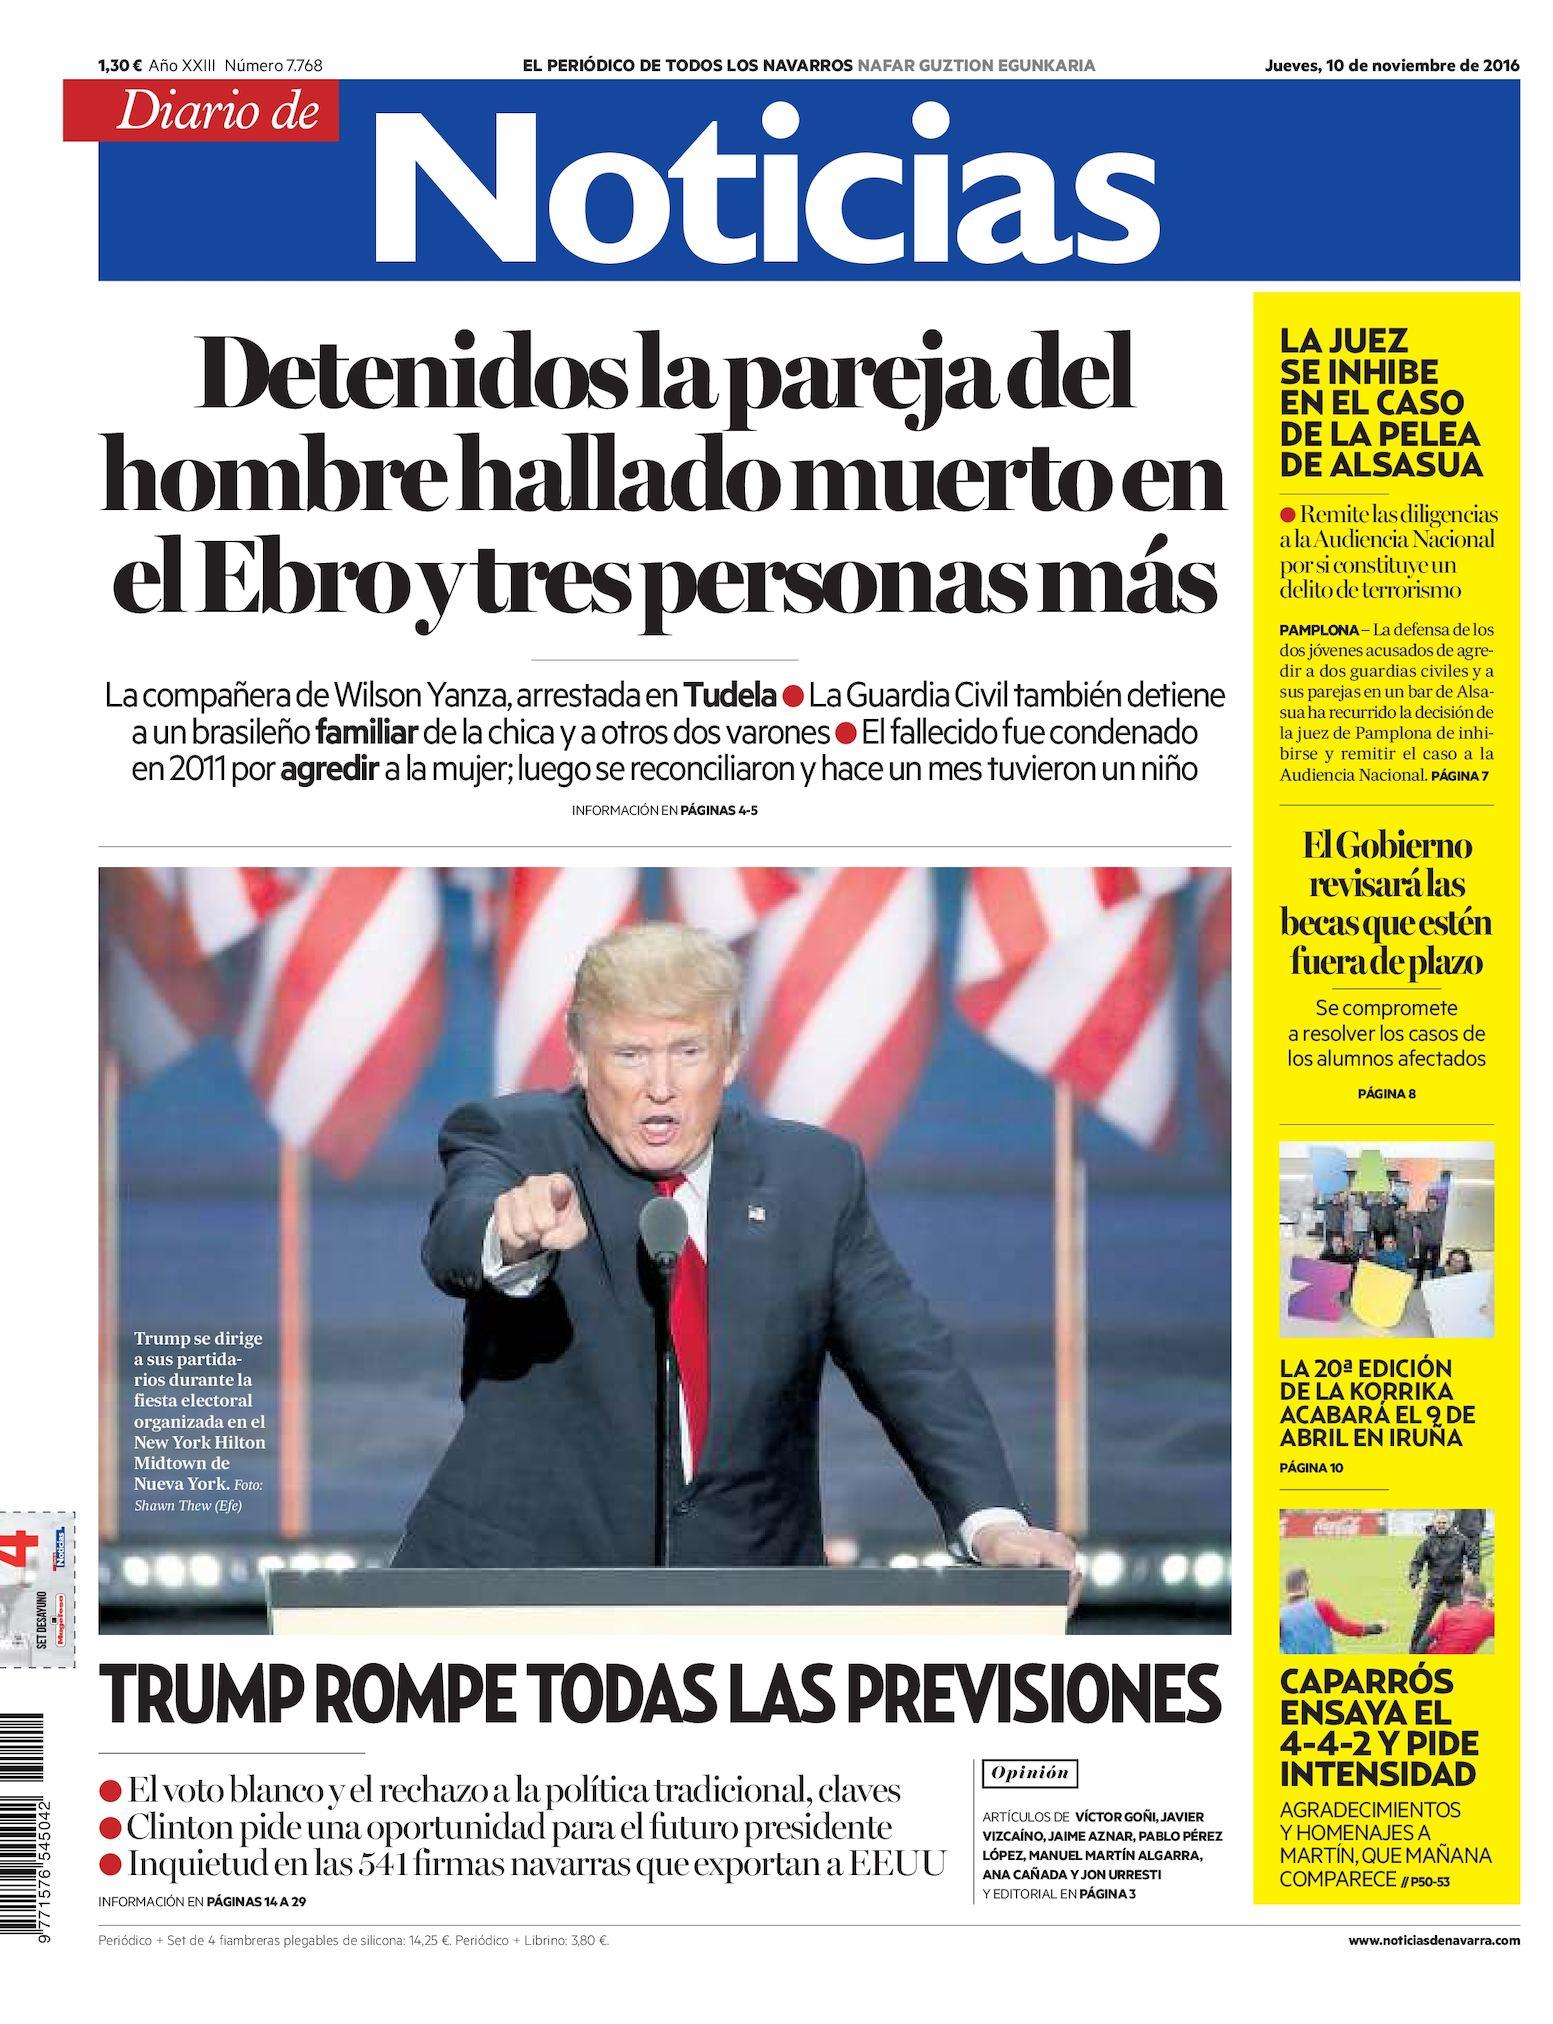 Amores Perros Escenas Hot calaméo - diario de noticias 20161110